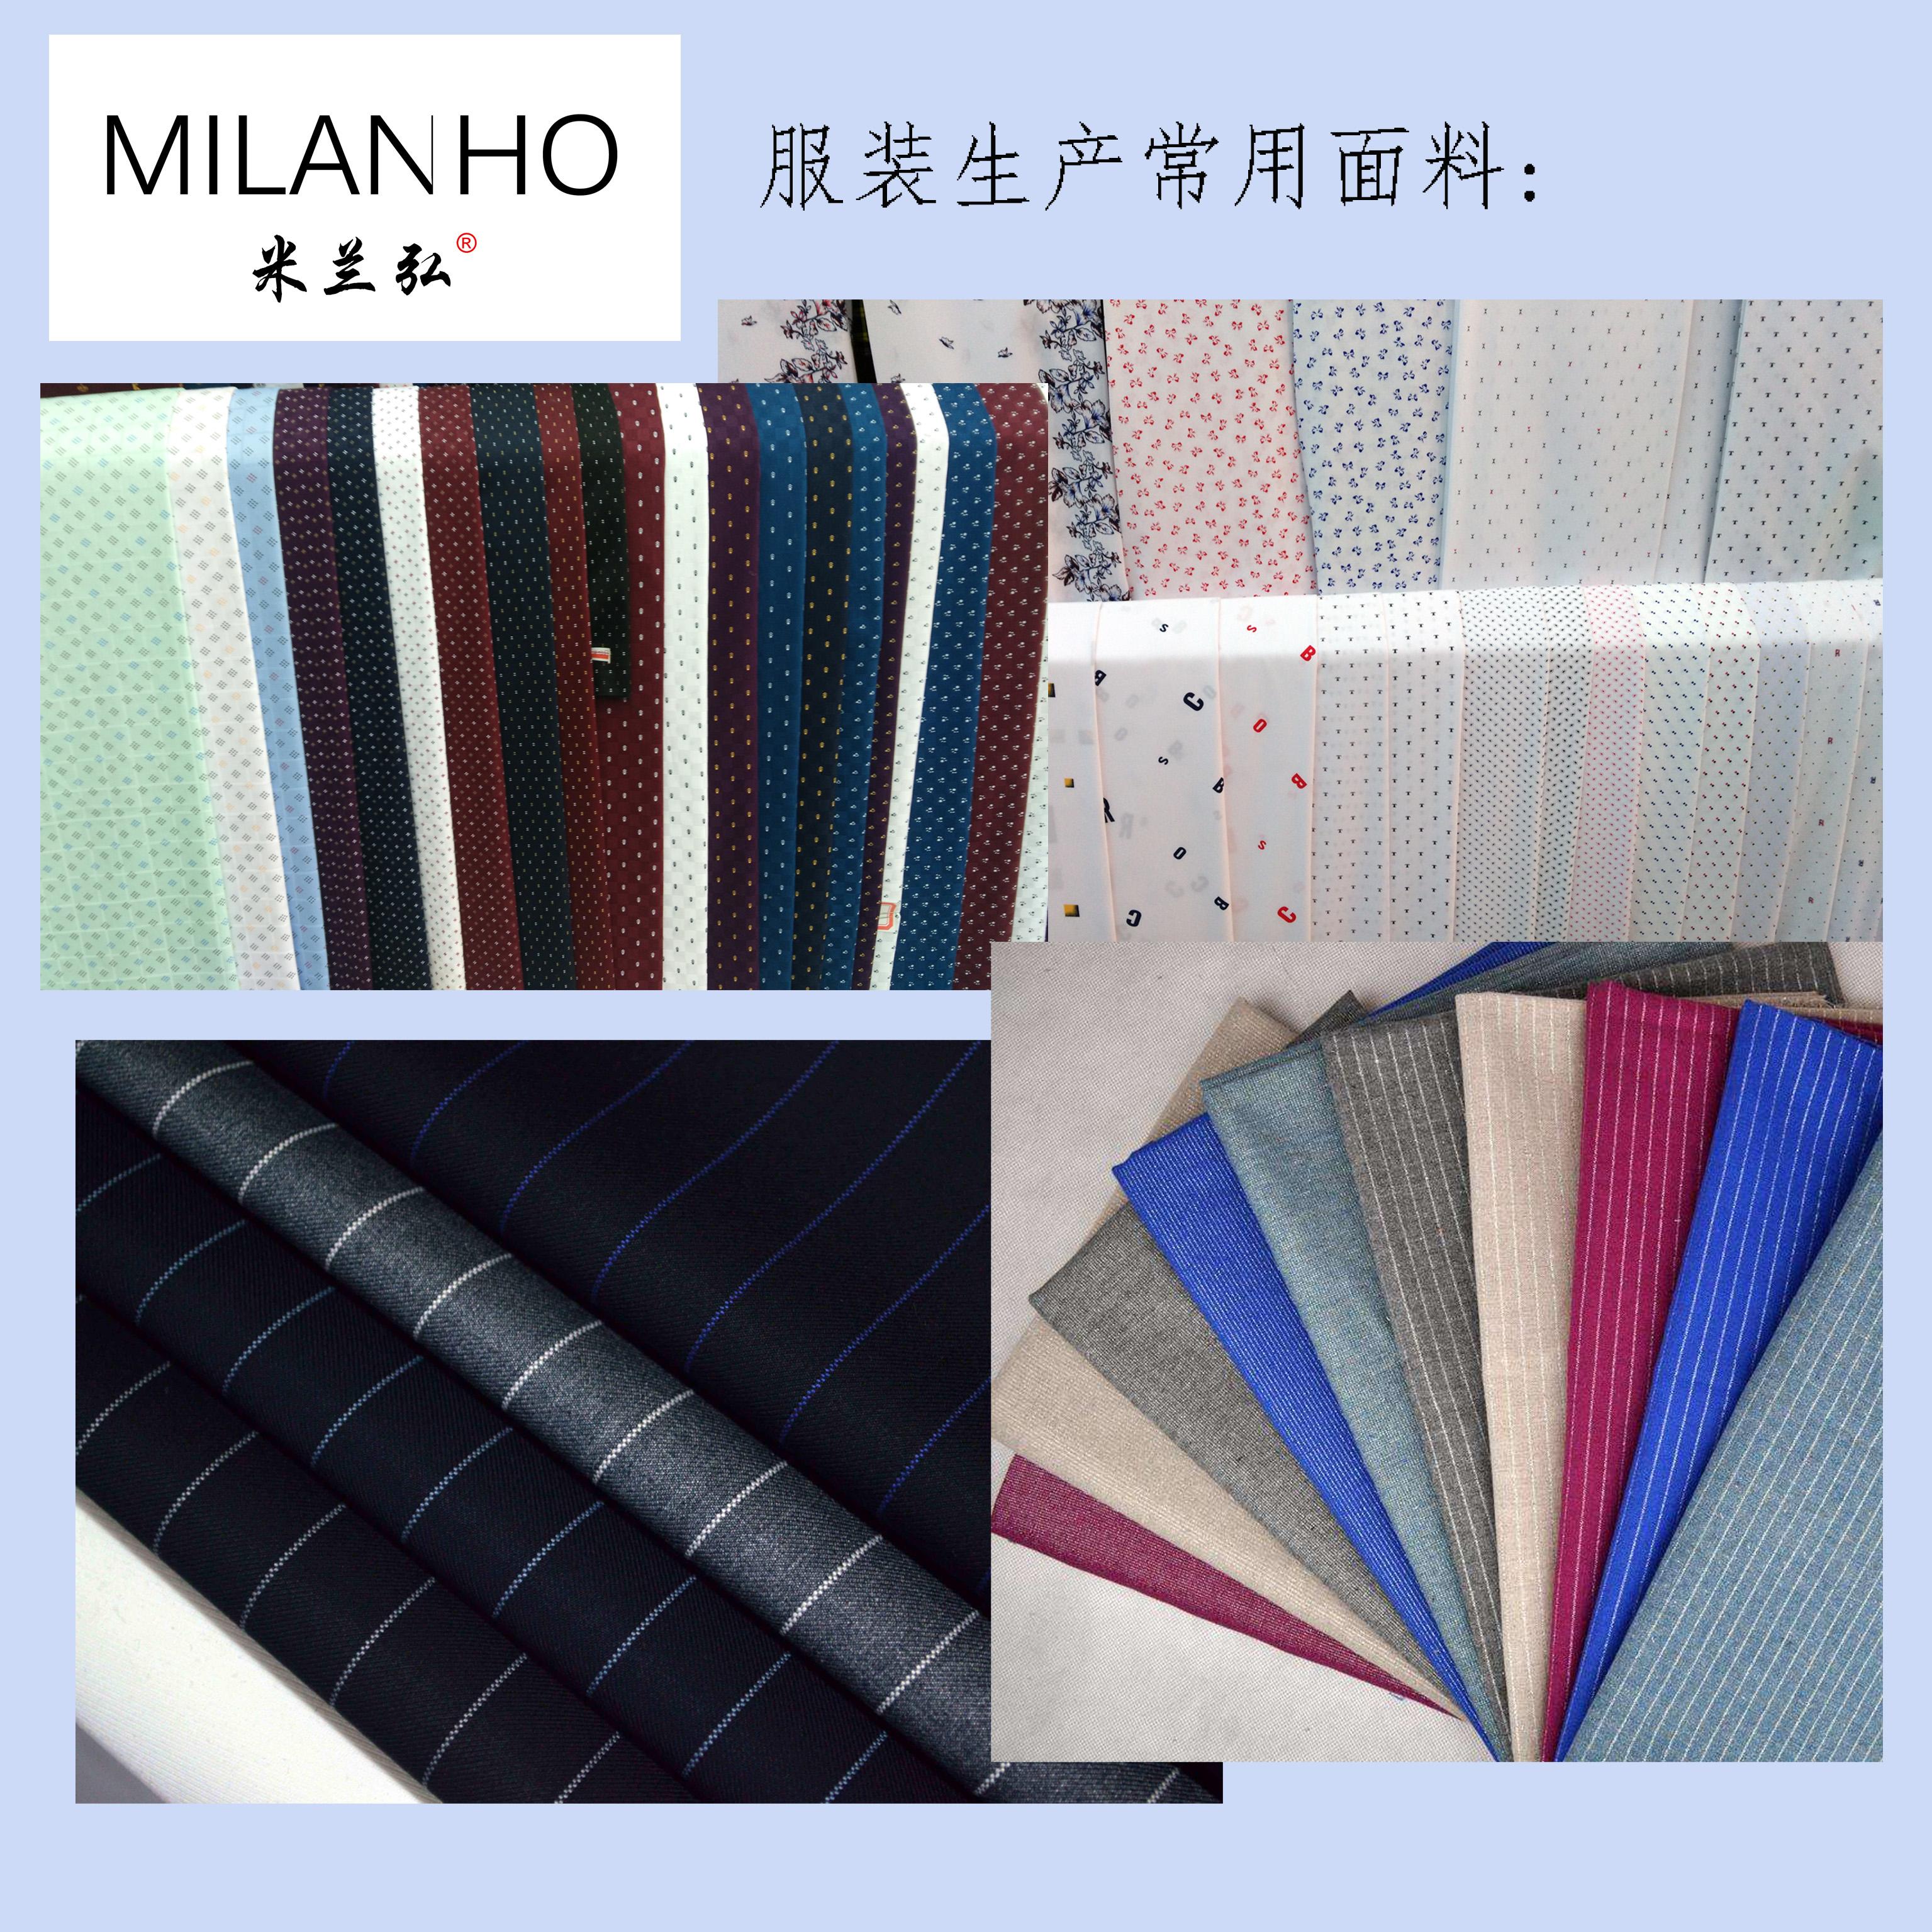 米蘭弘服裝生產常用面料